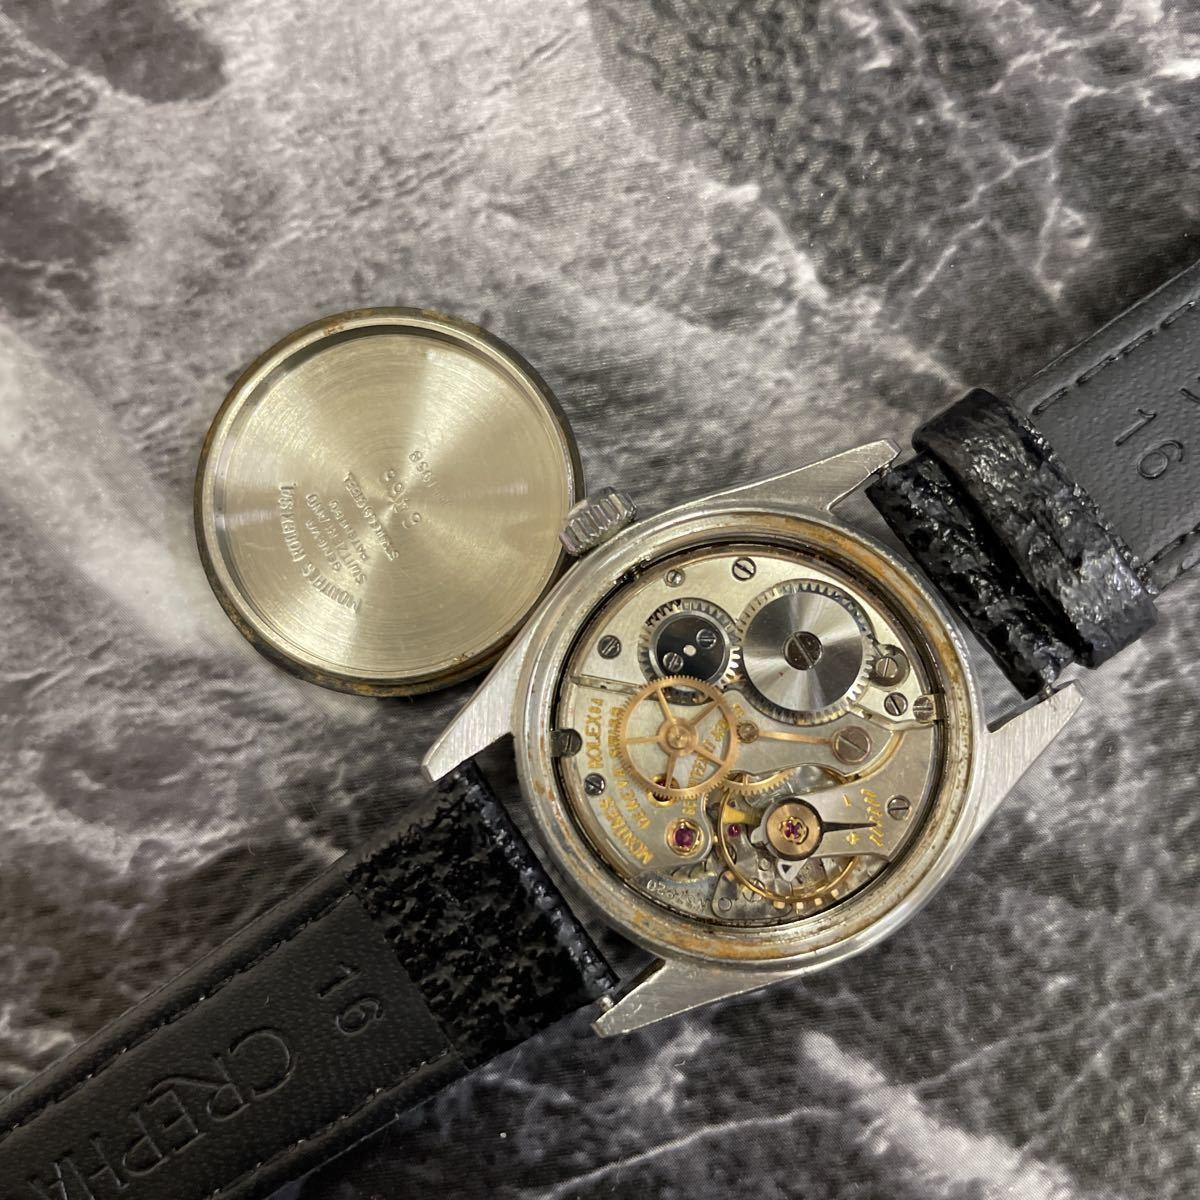 希少文字盤・稼働品・ROLEX ロレックス オイスターデイト プレシジョン 腕時計 ボーイズ メンズ 6466 17石 アンティーク 手巻き式//3260_画像7